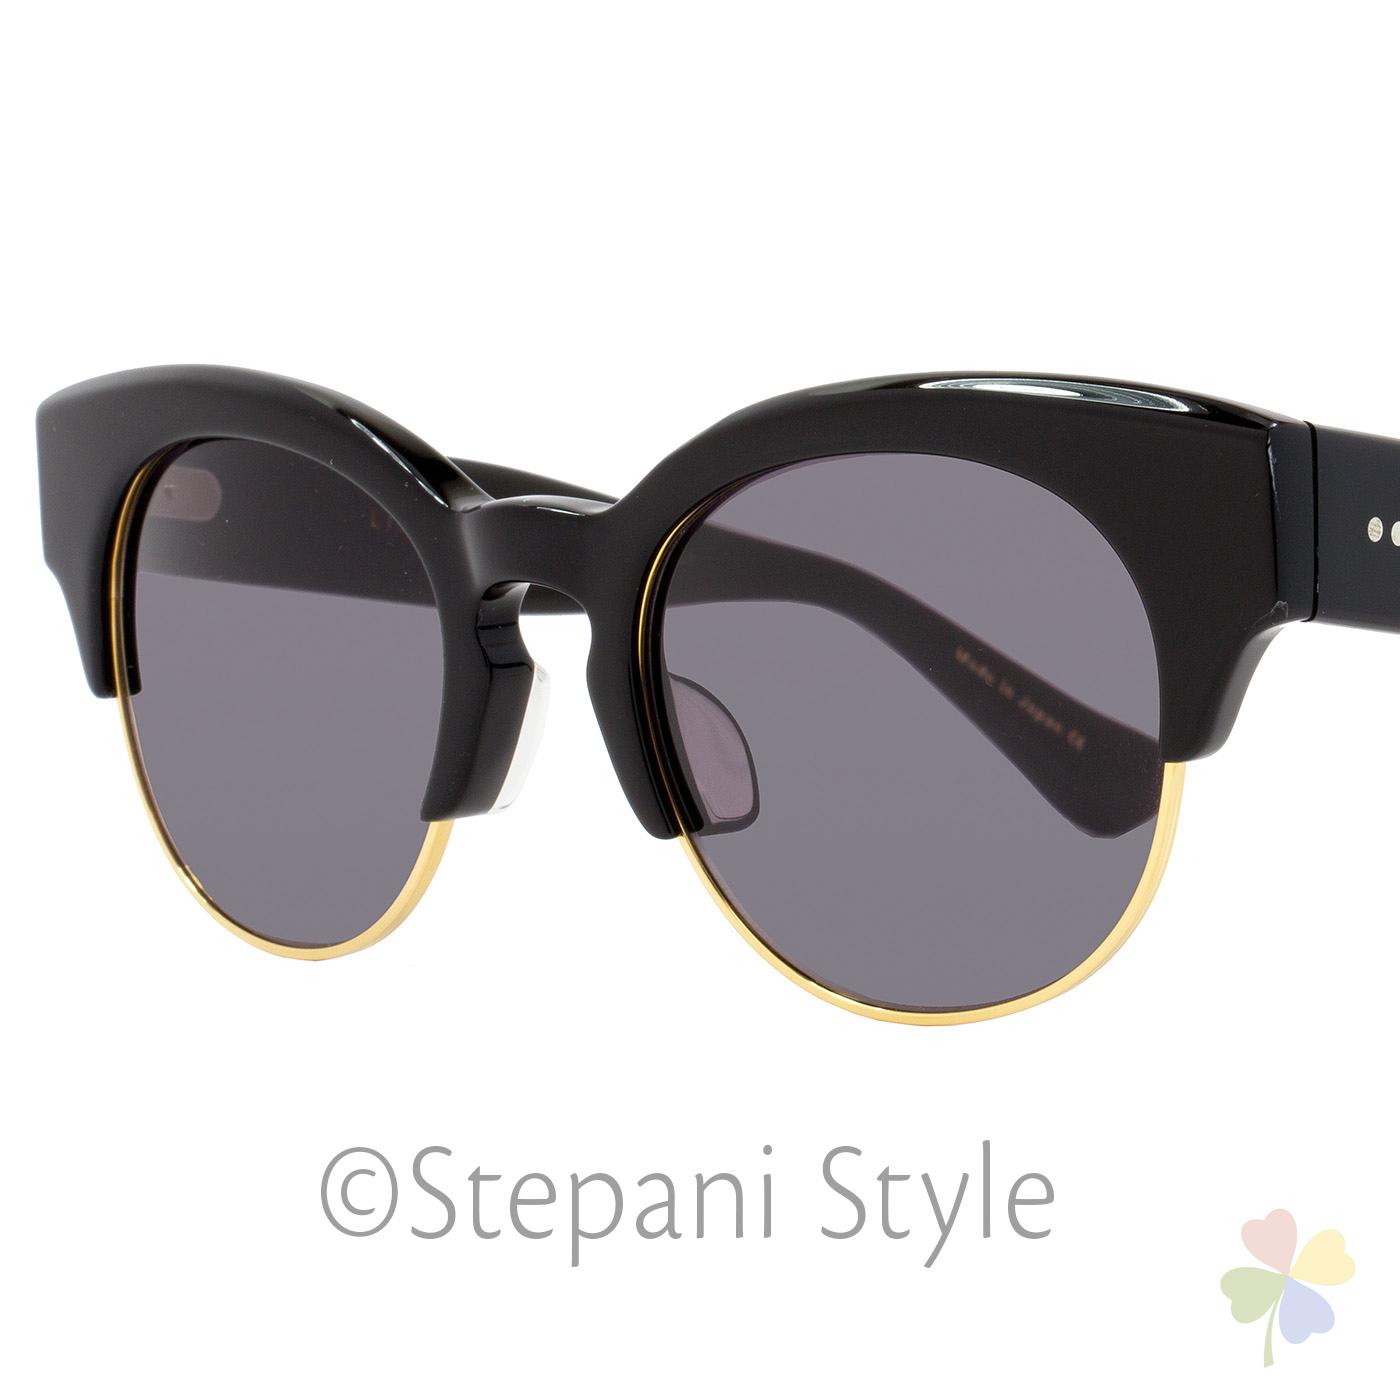 55234ca2c9f8 Dita Sunglasses Prices In Indiana